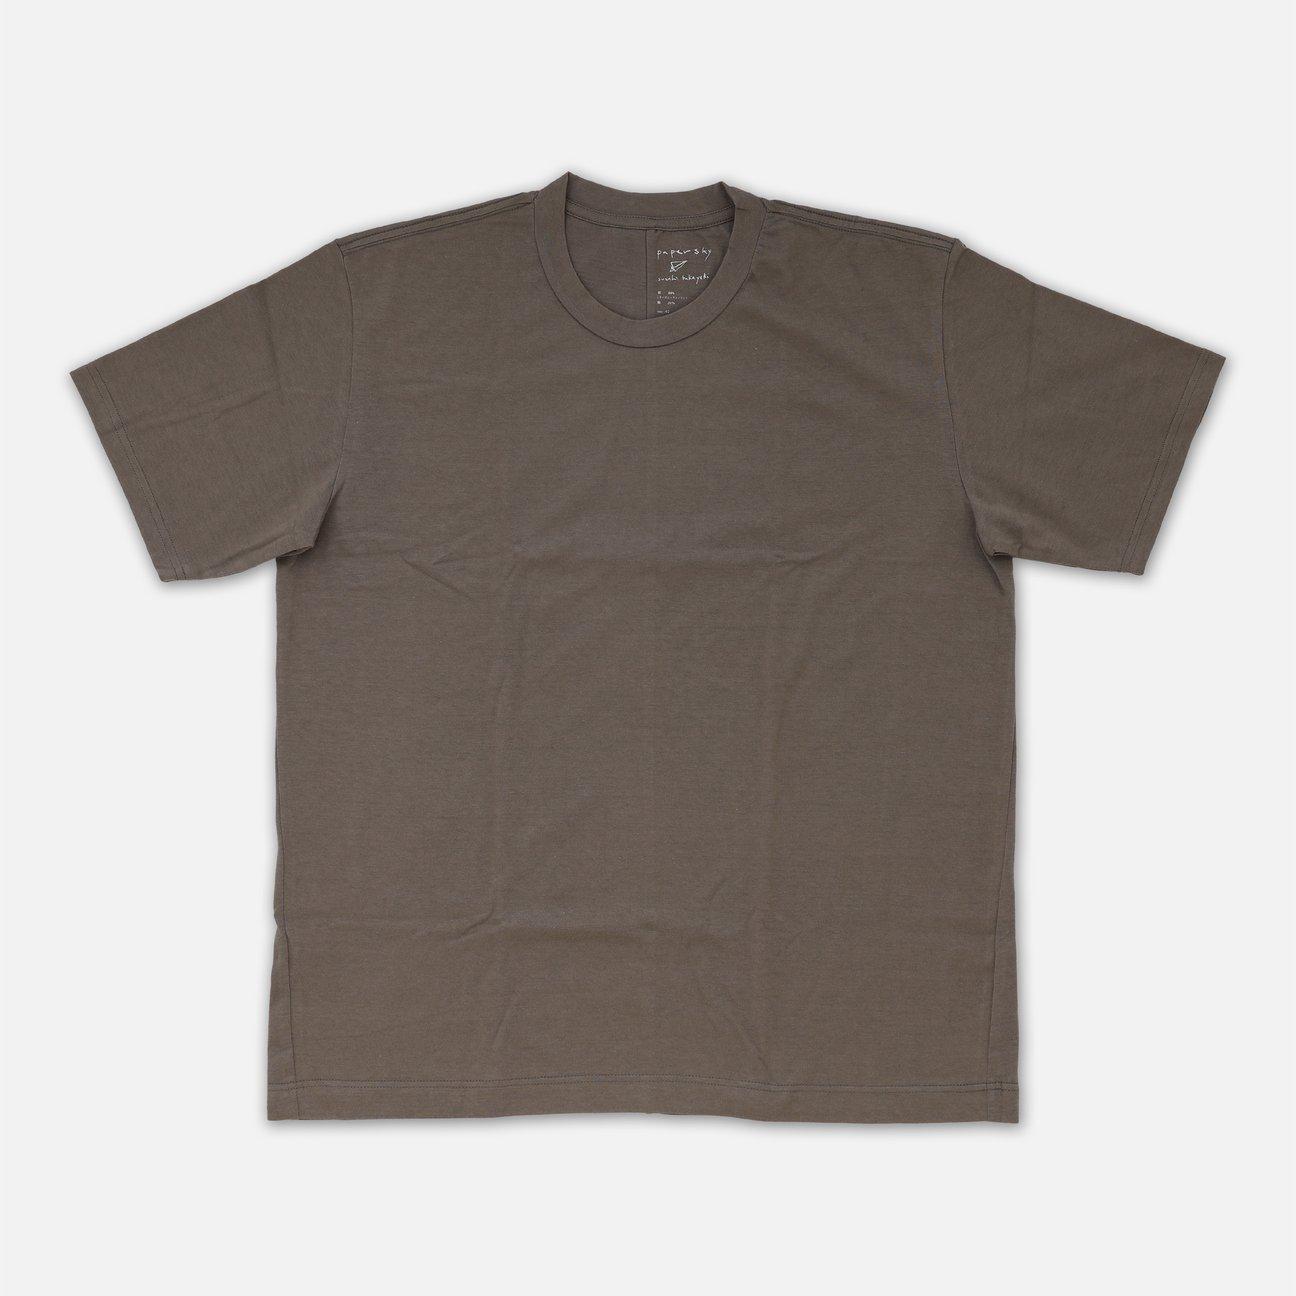 T-shirt suzuki takayuki グレー